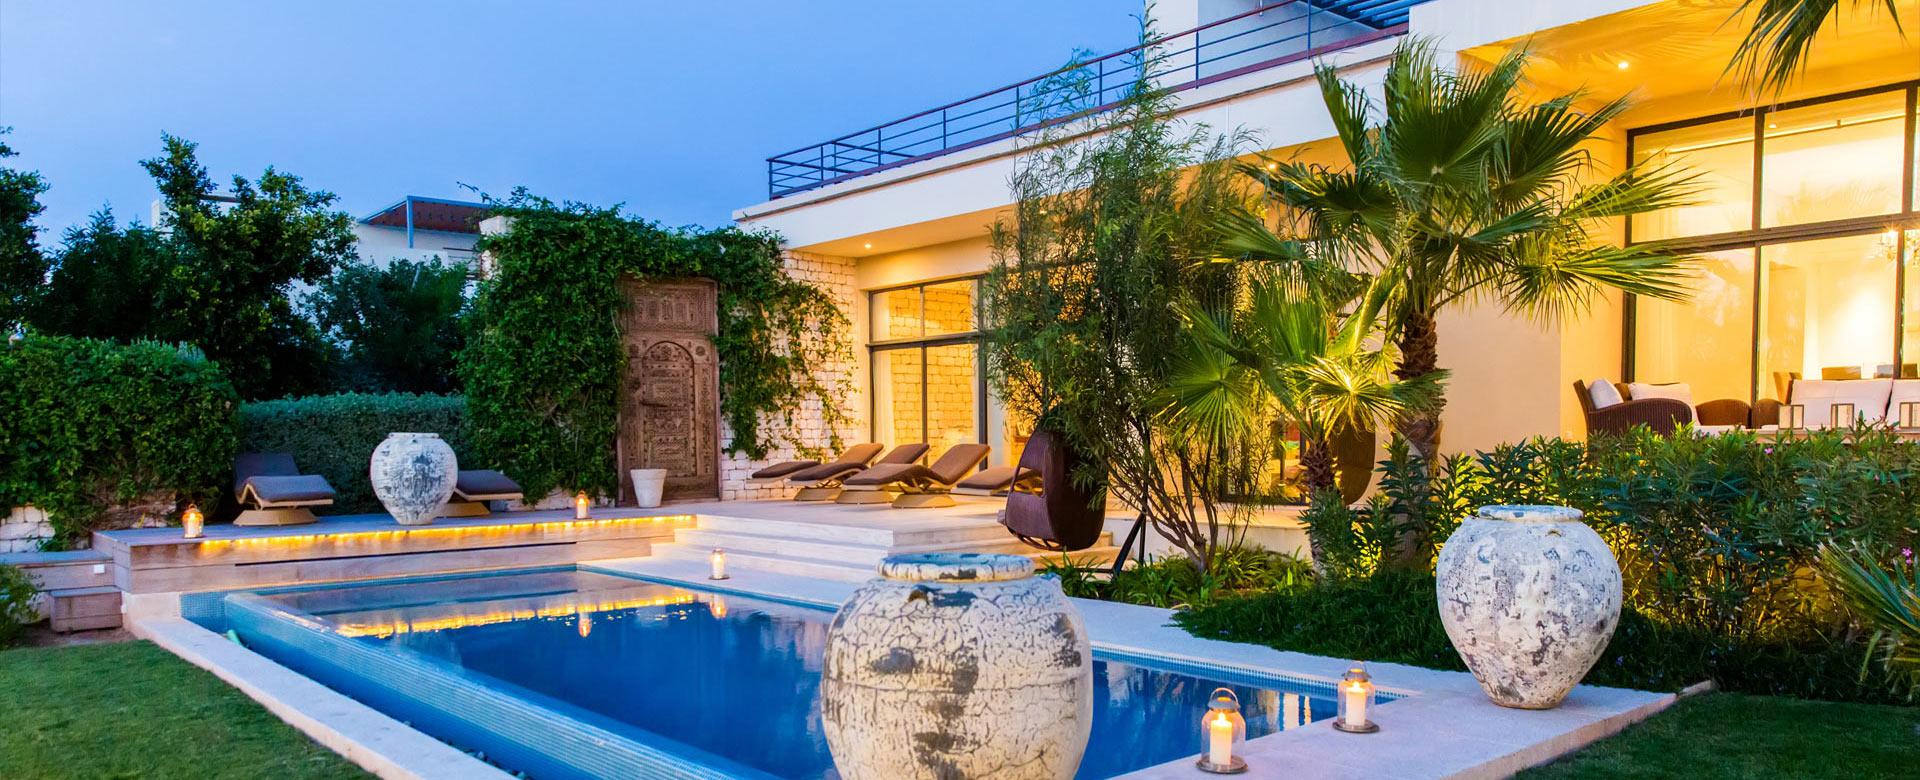 Alquilar una villa de lujo en essaouira for Villas de lujo para alquilar en vacaciones